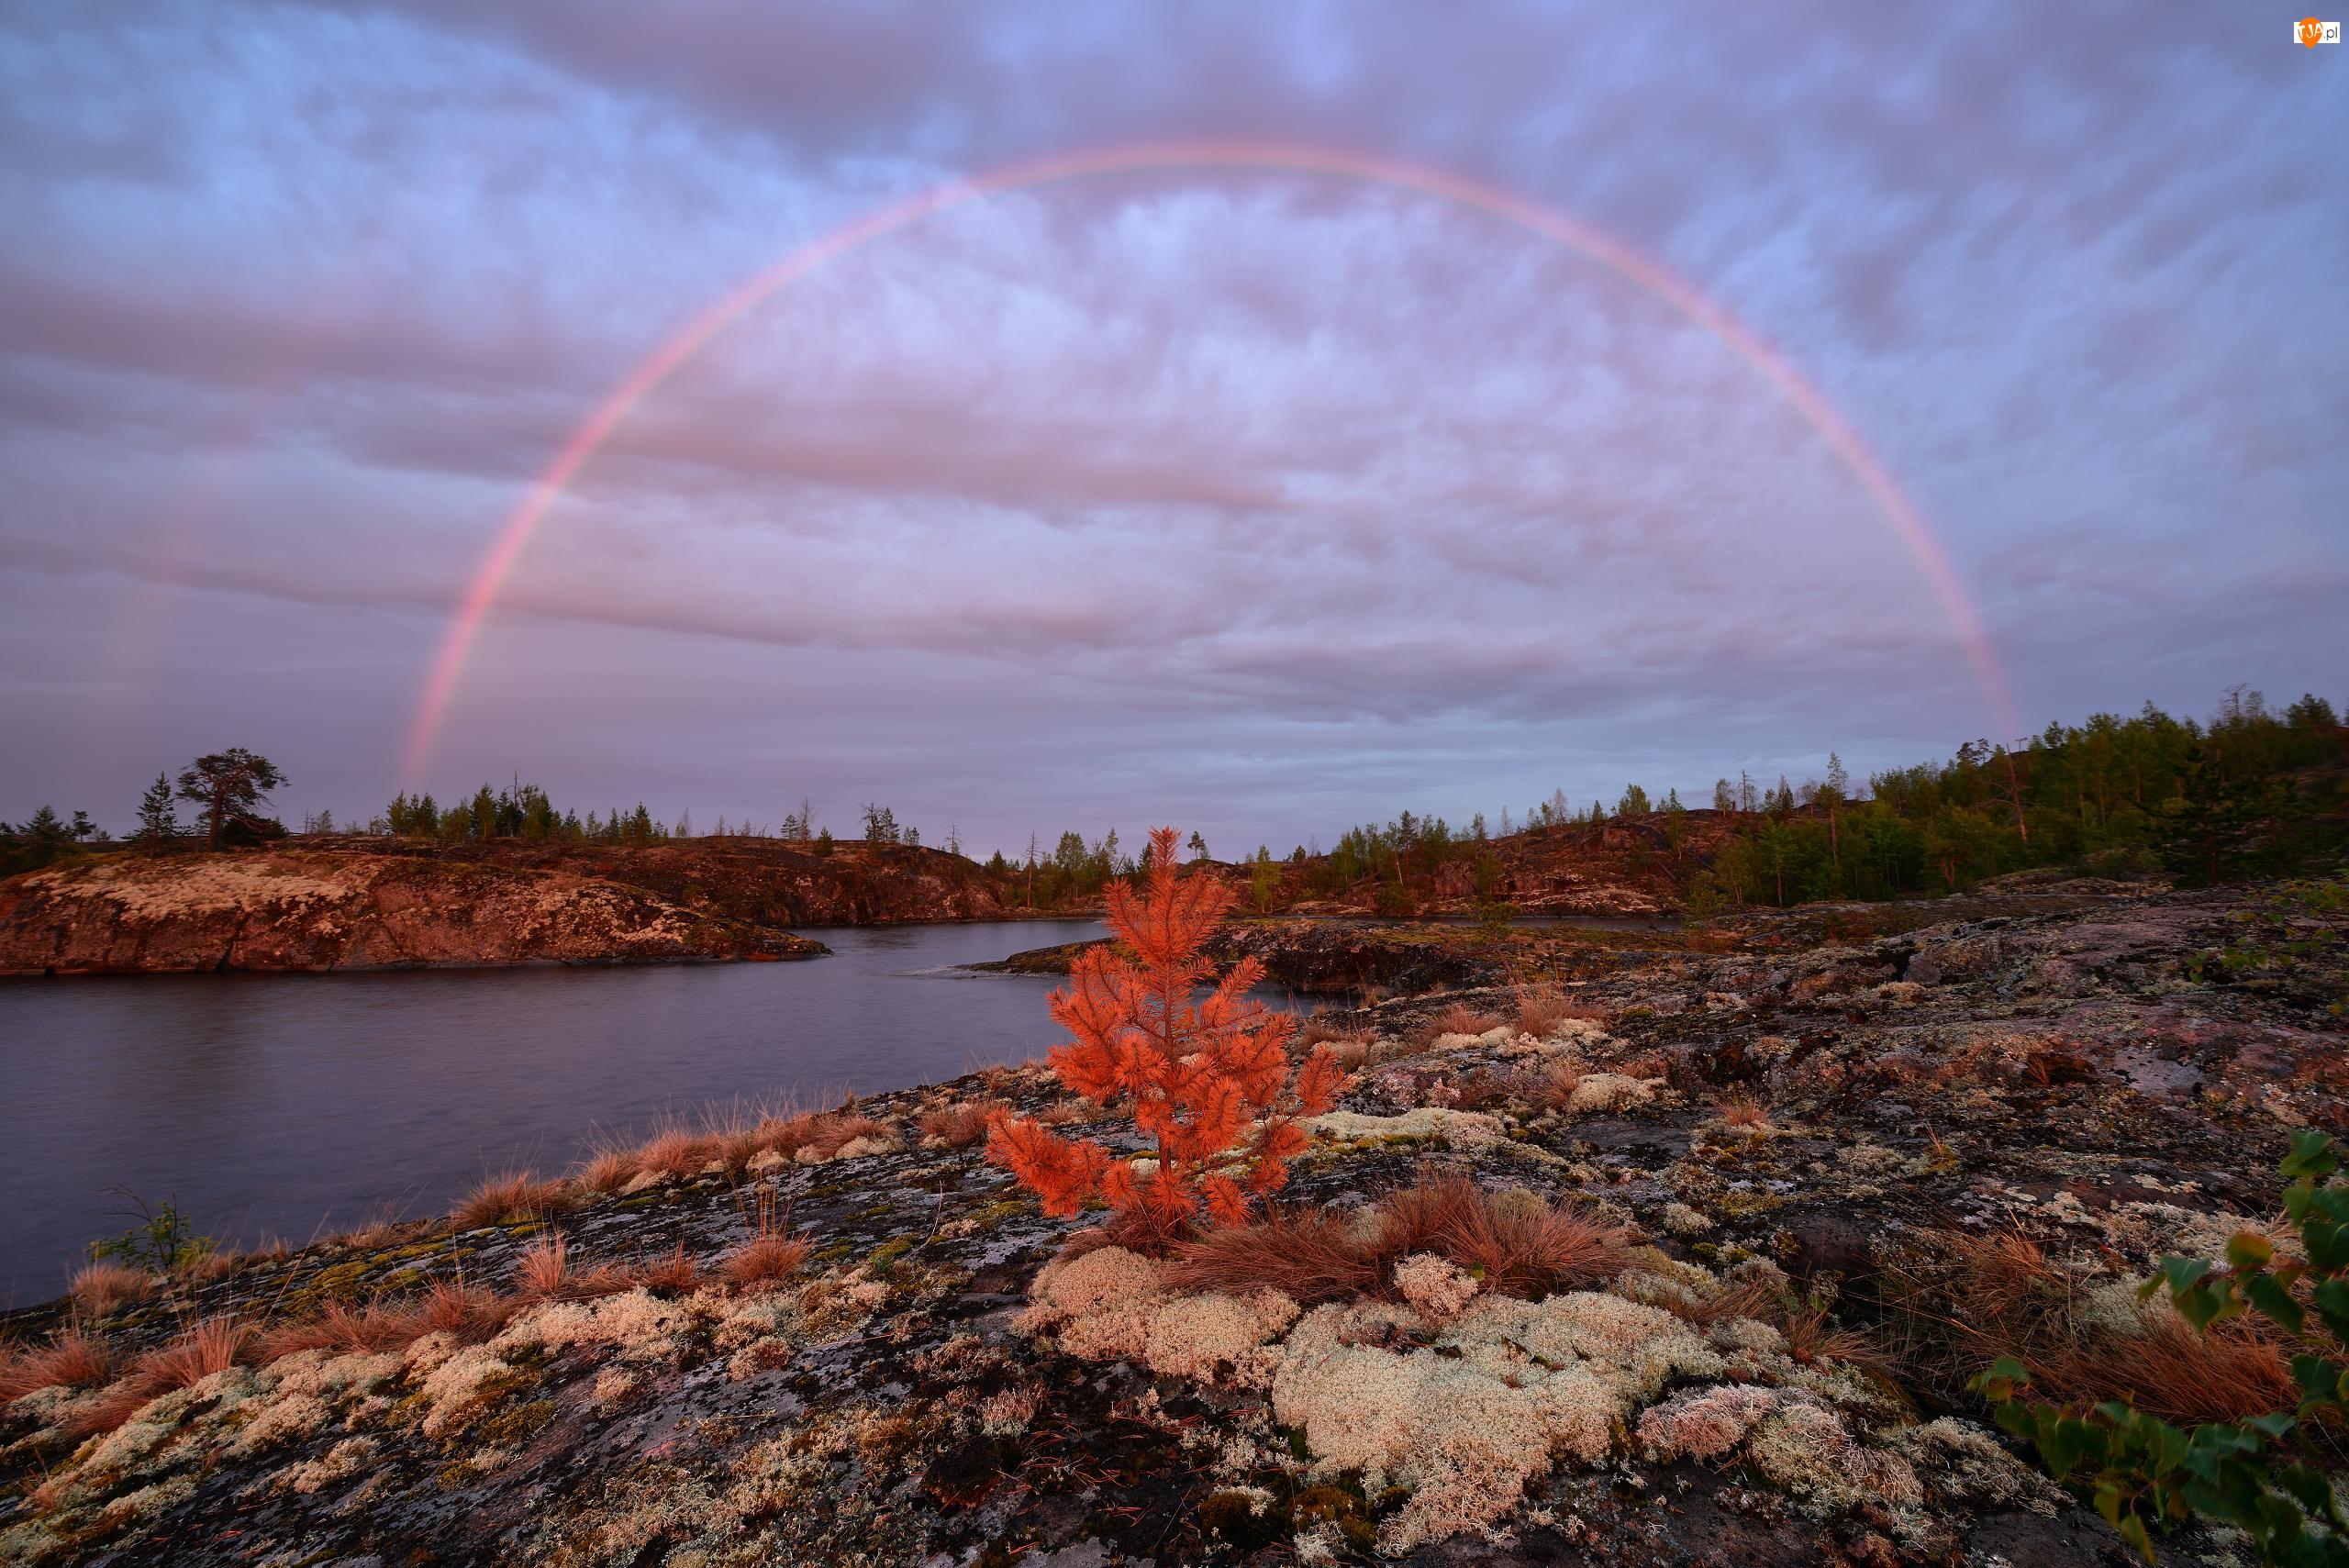 Tęcza, Trawy, Jezioro Ładoga, Rosja, Drzewa